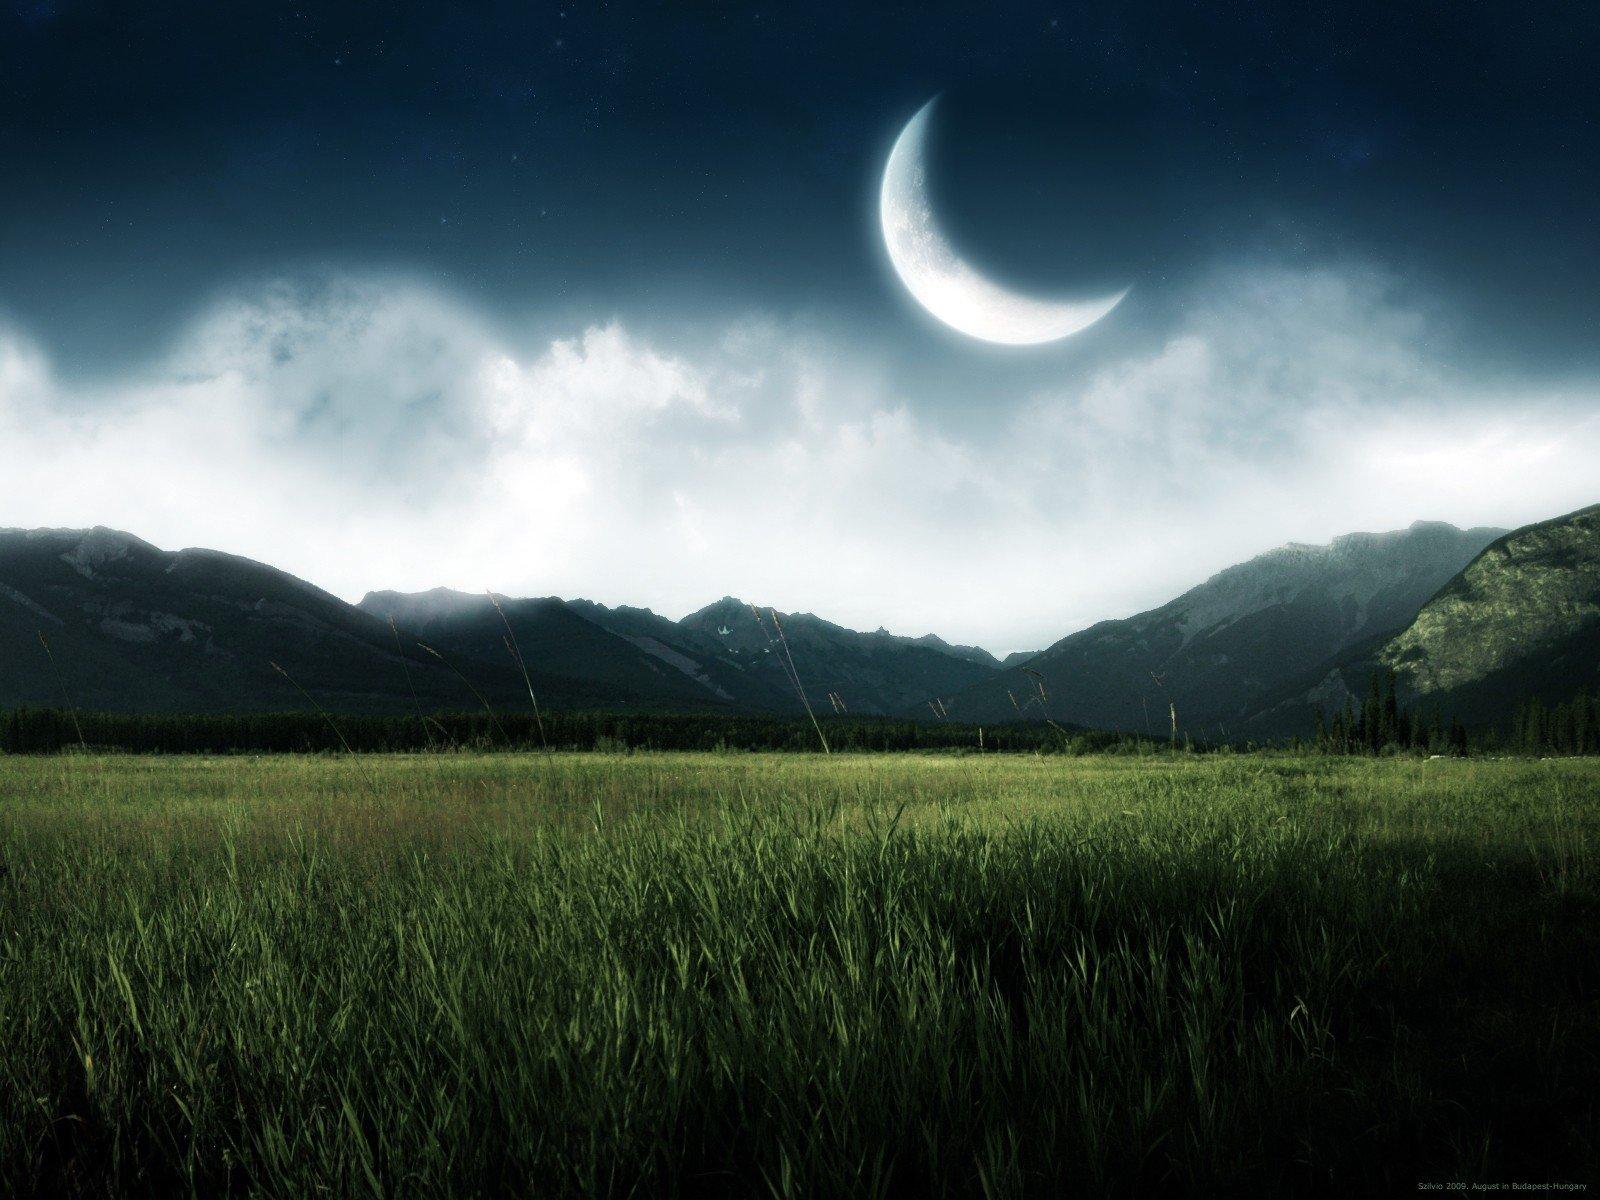 Раньше Канобу по ночам был живее, заявляю со всей ответственностью, как часто засиживающийся по ночам.. - Изображение 1